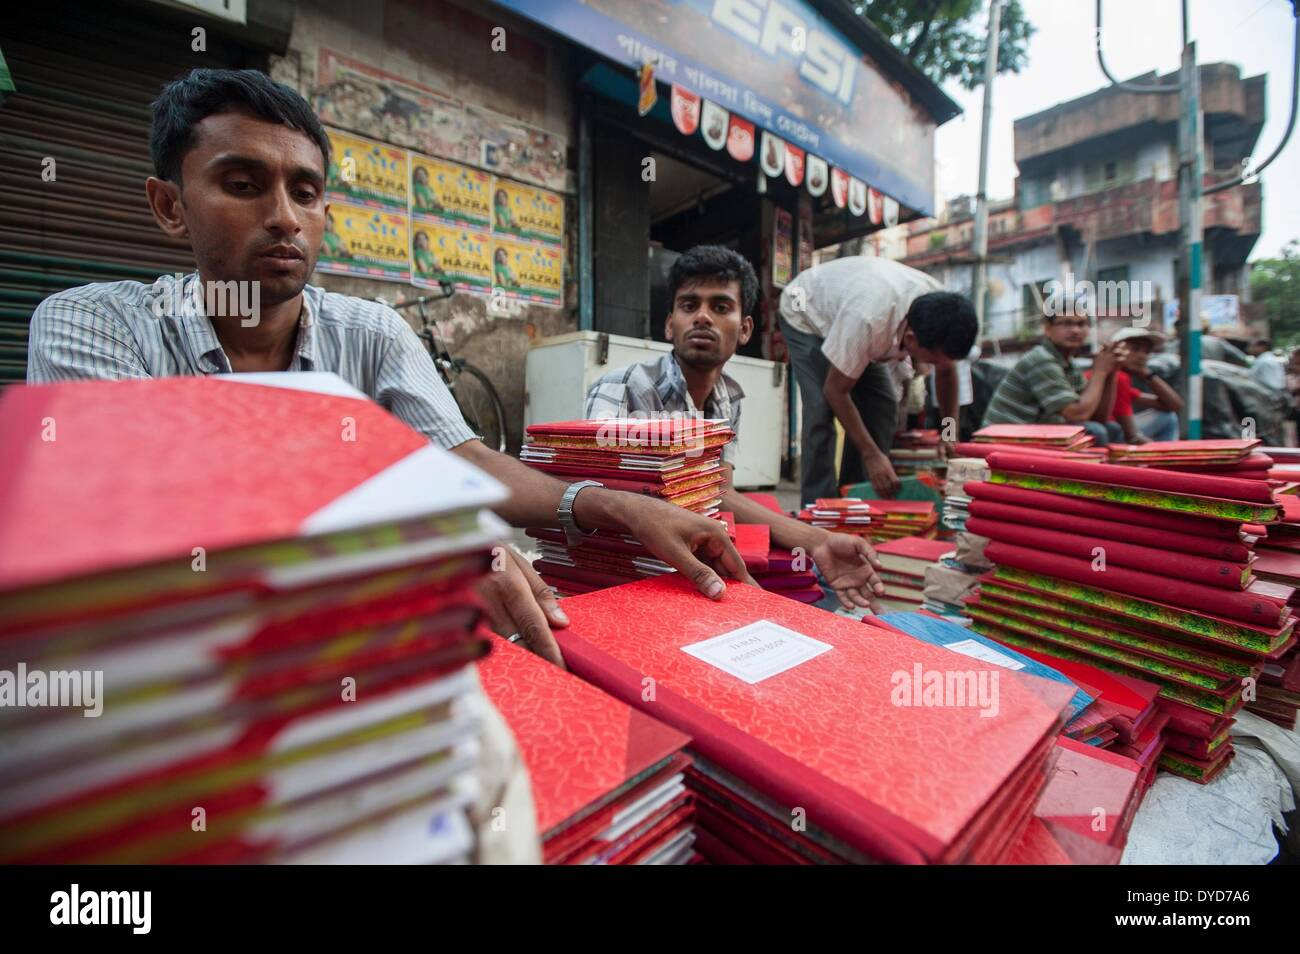 Calcutta, lo stato indiano del Bengala Occidentale. 15 apr 2014. Indian ambulanti vendono nuova contabilità ledger libri a Calcutta, capitale dell'est lo stato indiano del Bengala Occidentale, 15 aprile 2014. Poila Baishakh, il primo giorno del calendario Bengali anno, è l'inizio di tutte le attività aziendali nel Bengala occidentale quando i commercianti culto del Signore Ganesha e la dea Lakshmi per contrassegnare l'anno con la ricchezza e la prosperità. © Tumpa Mondal/Xinhua/Alamy Live News Immagini Stock